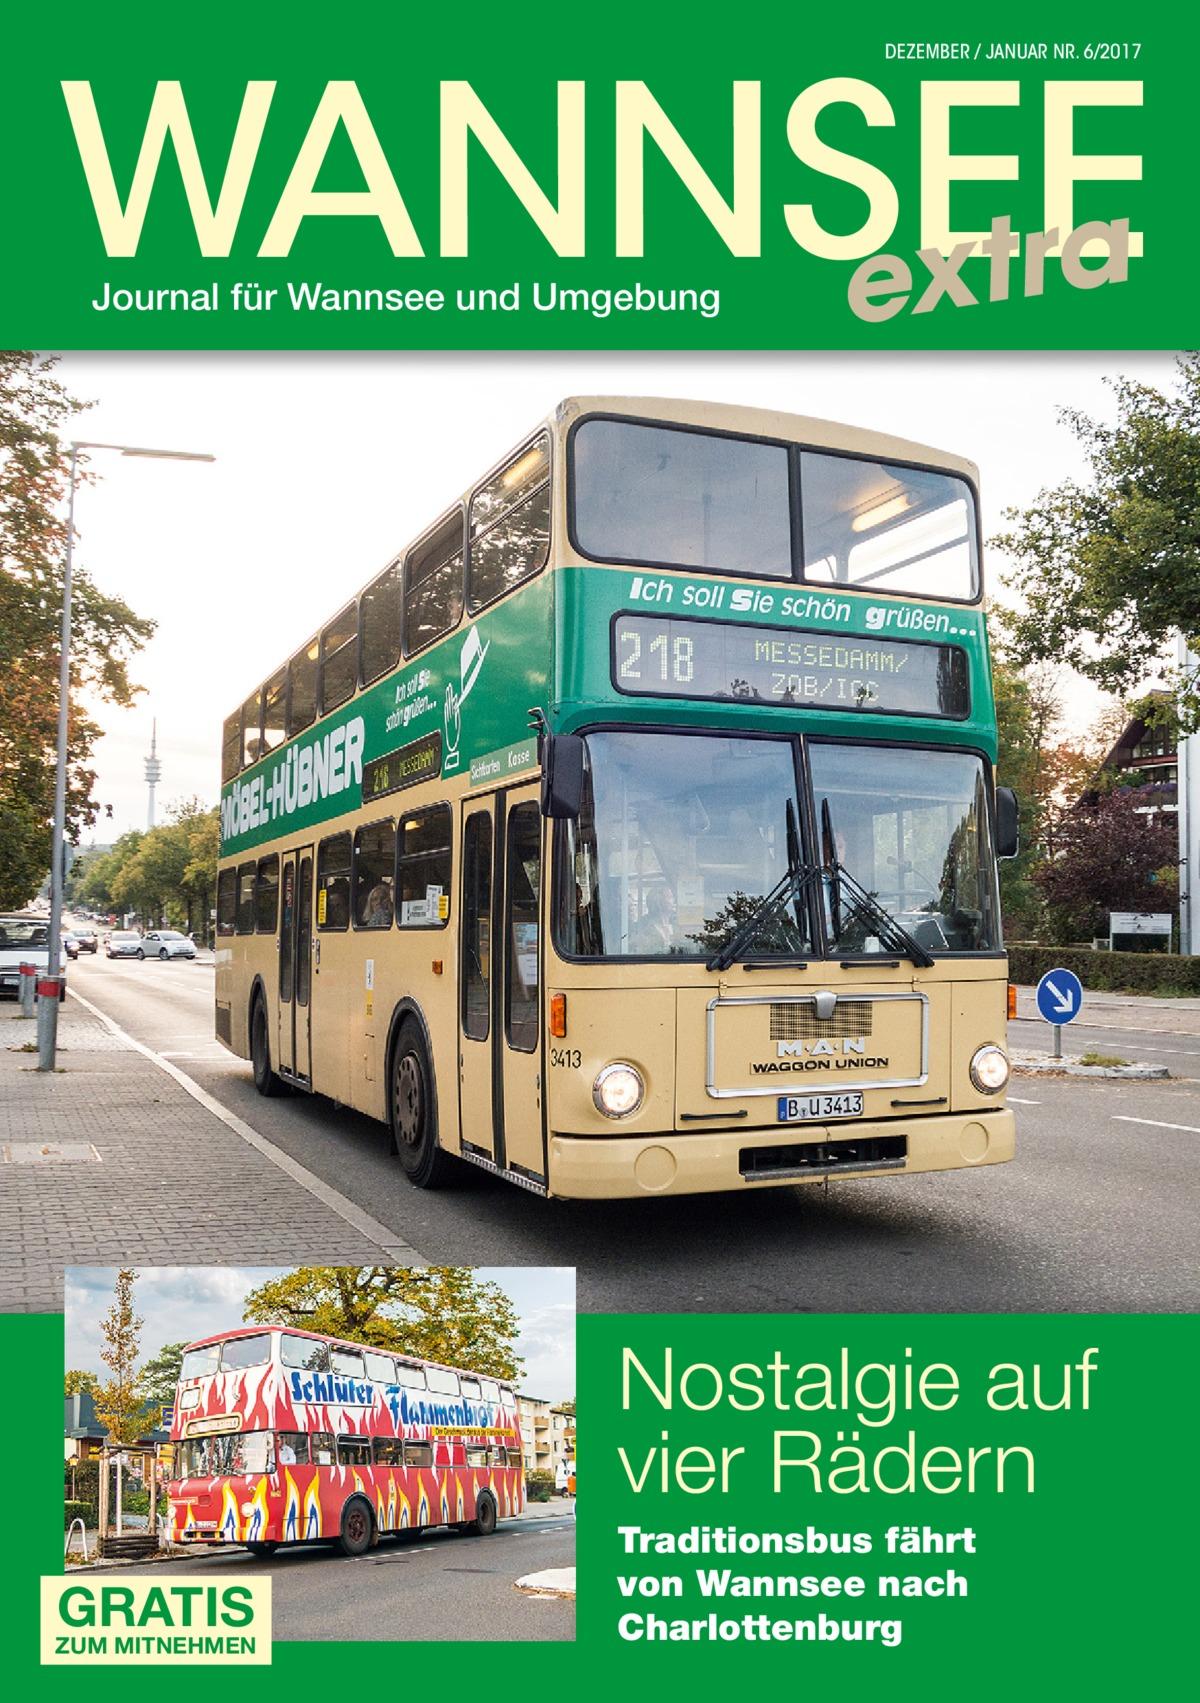 WANNSEE extra DEZEMBER / JANUAR NR. 6/2017  Journal für Wannsee und Umgebung  Nostalgie auf vier Rädern GRATIS  ZUM MITNEHMEN  Traditionsbus fährt von Wannsee nach Charlottenburg